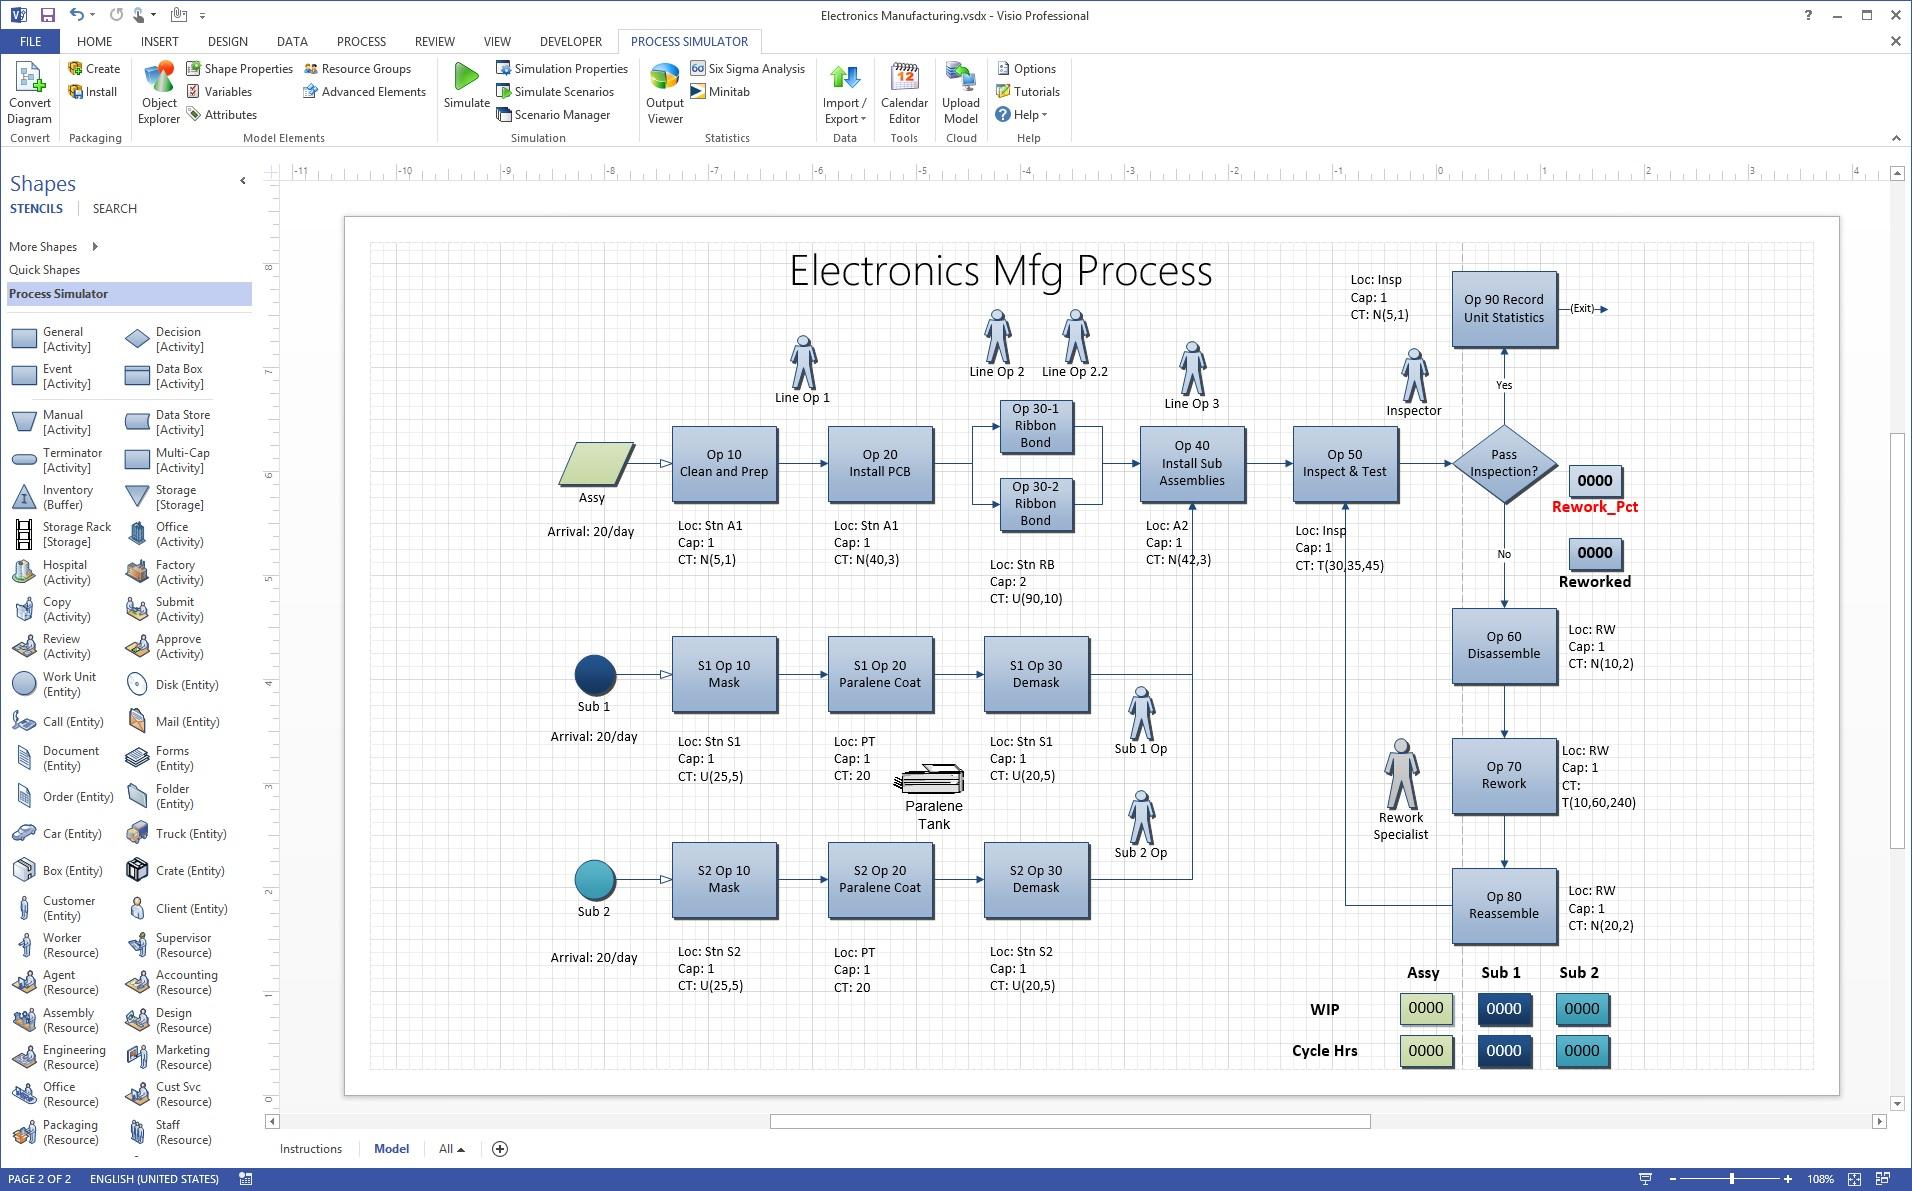 WRG-5531] Dayton 5x826e Relay Wiring Diagram on